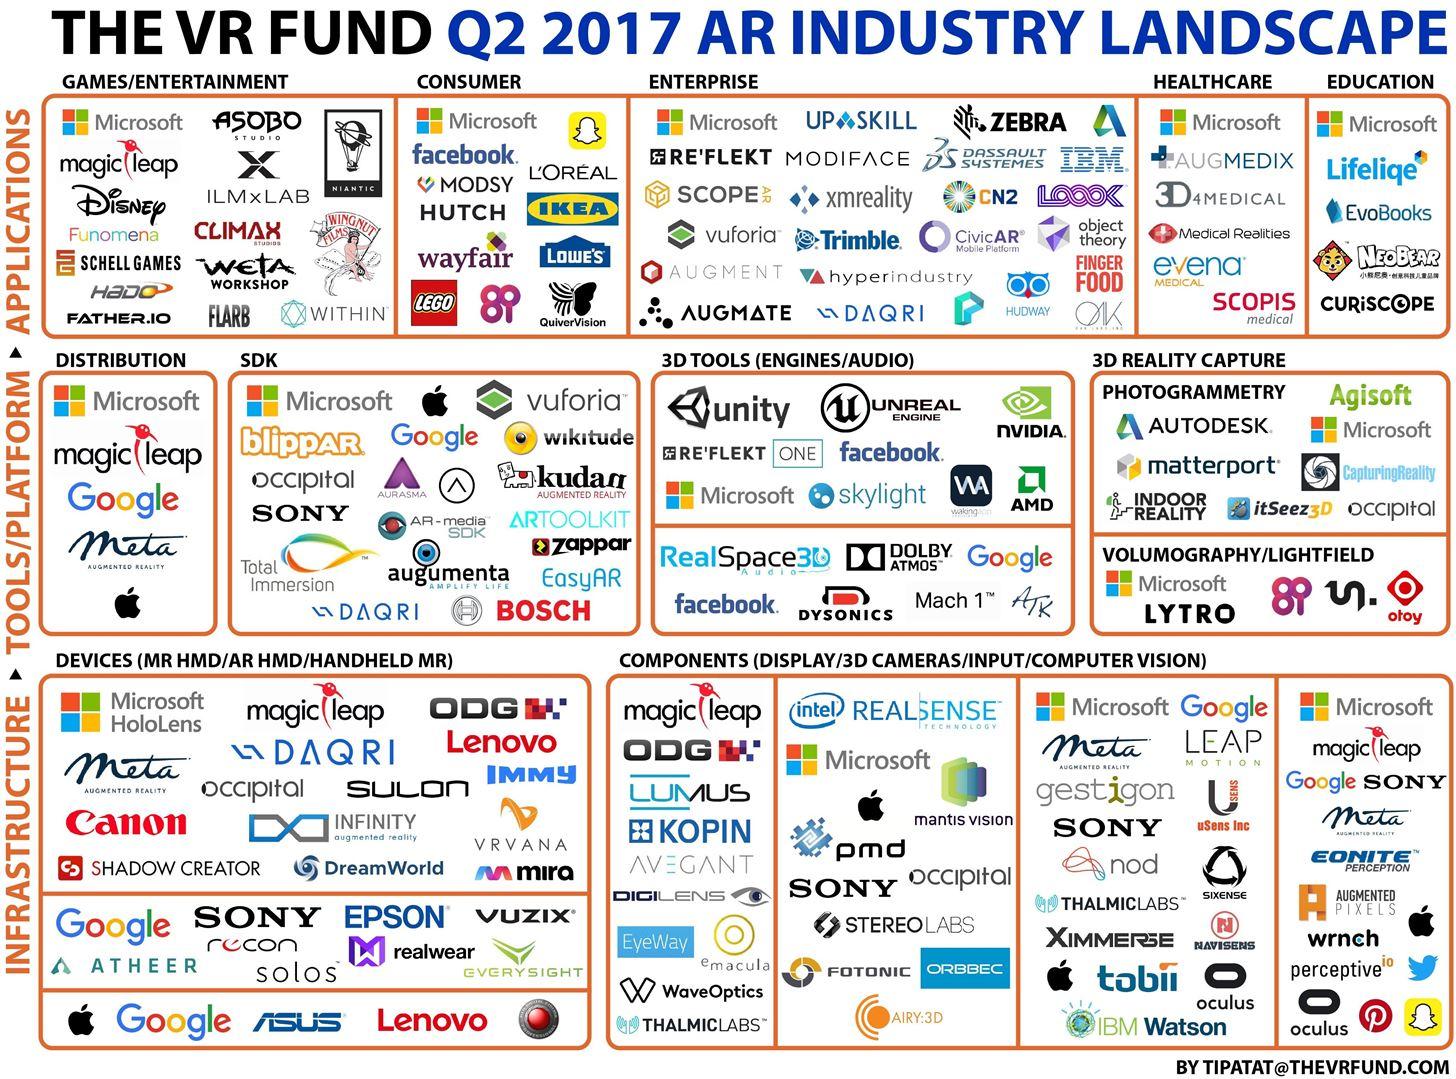 AR Developers Emboldened by Facebook & Apple During Second Quarter